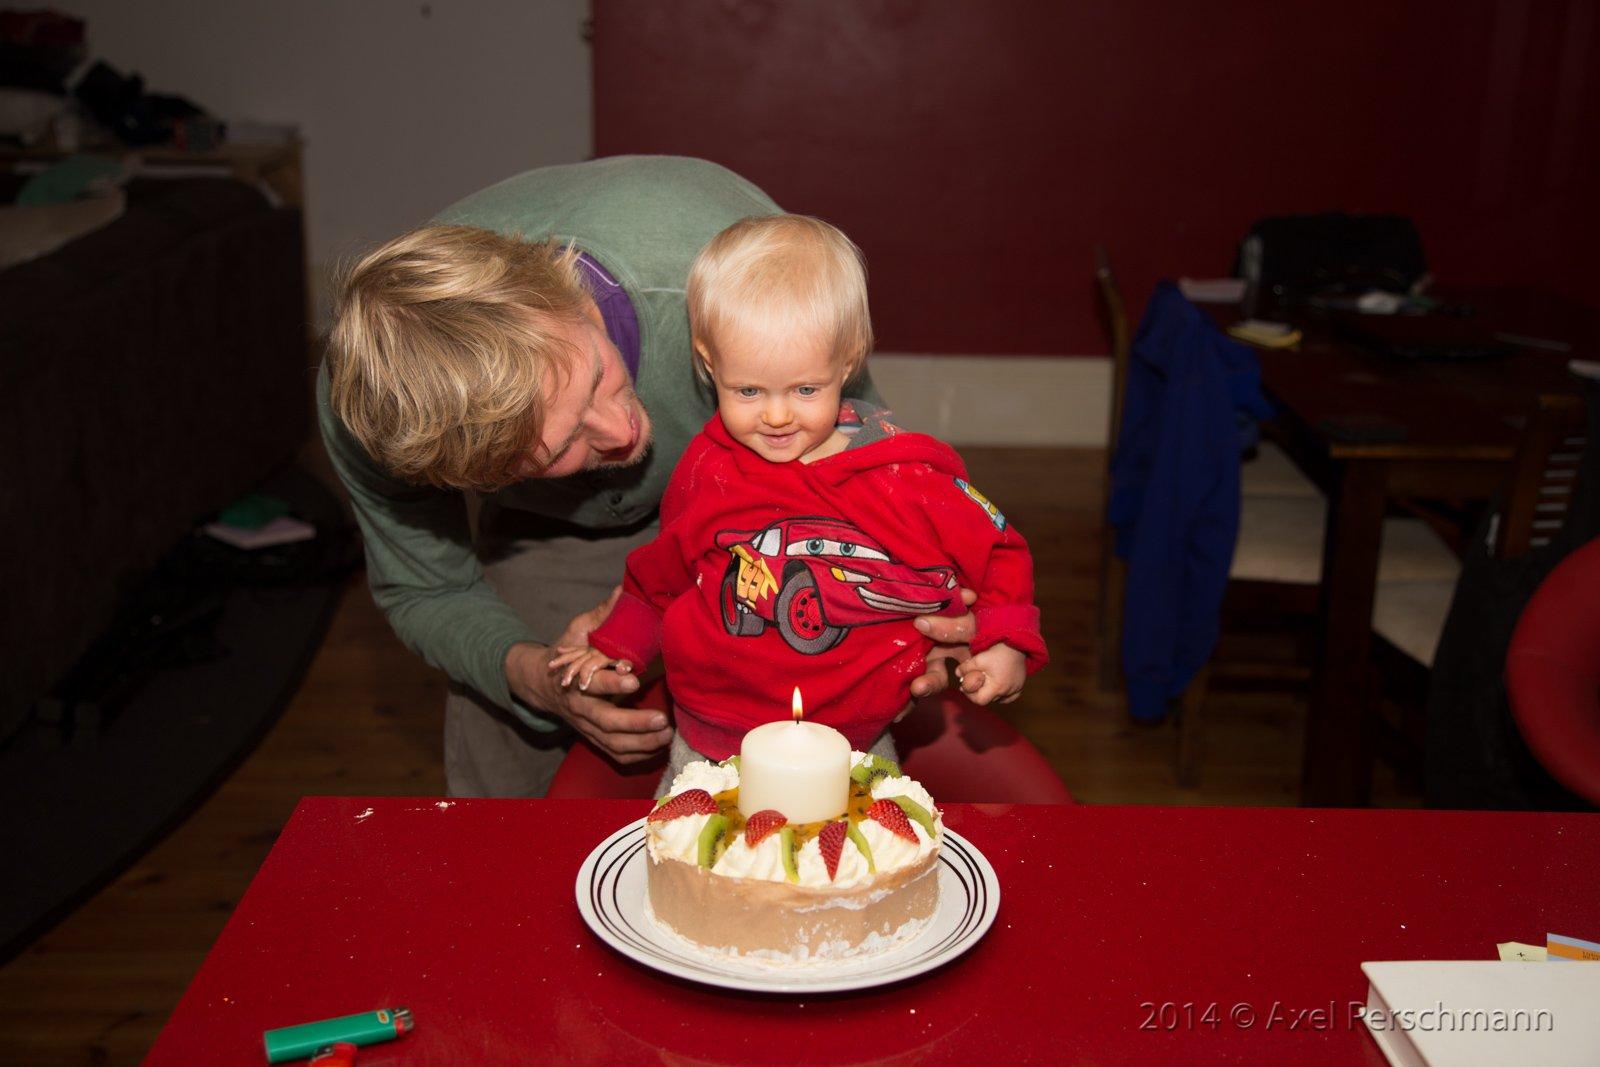 Finjas erster Geburtstagskuchen